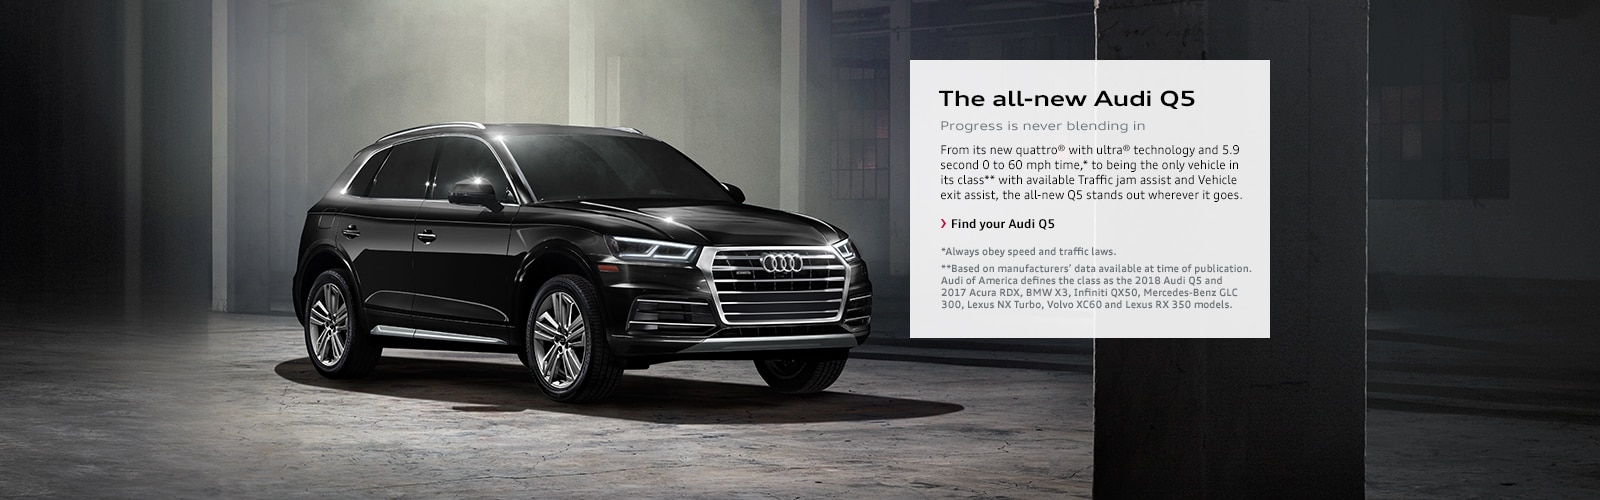 Audi Dealer Santa Clarita Burbank Lancaster CA New Used Audi - Socal audi dealers